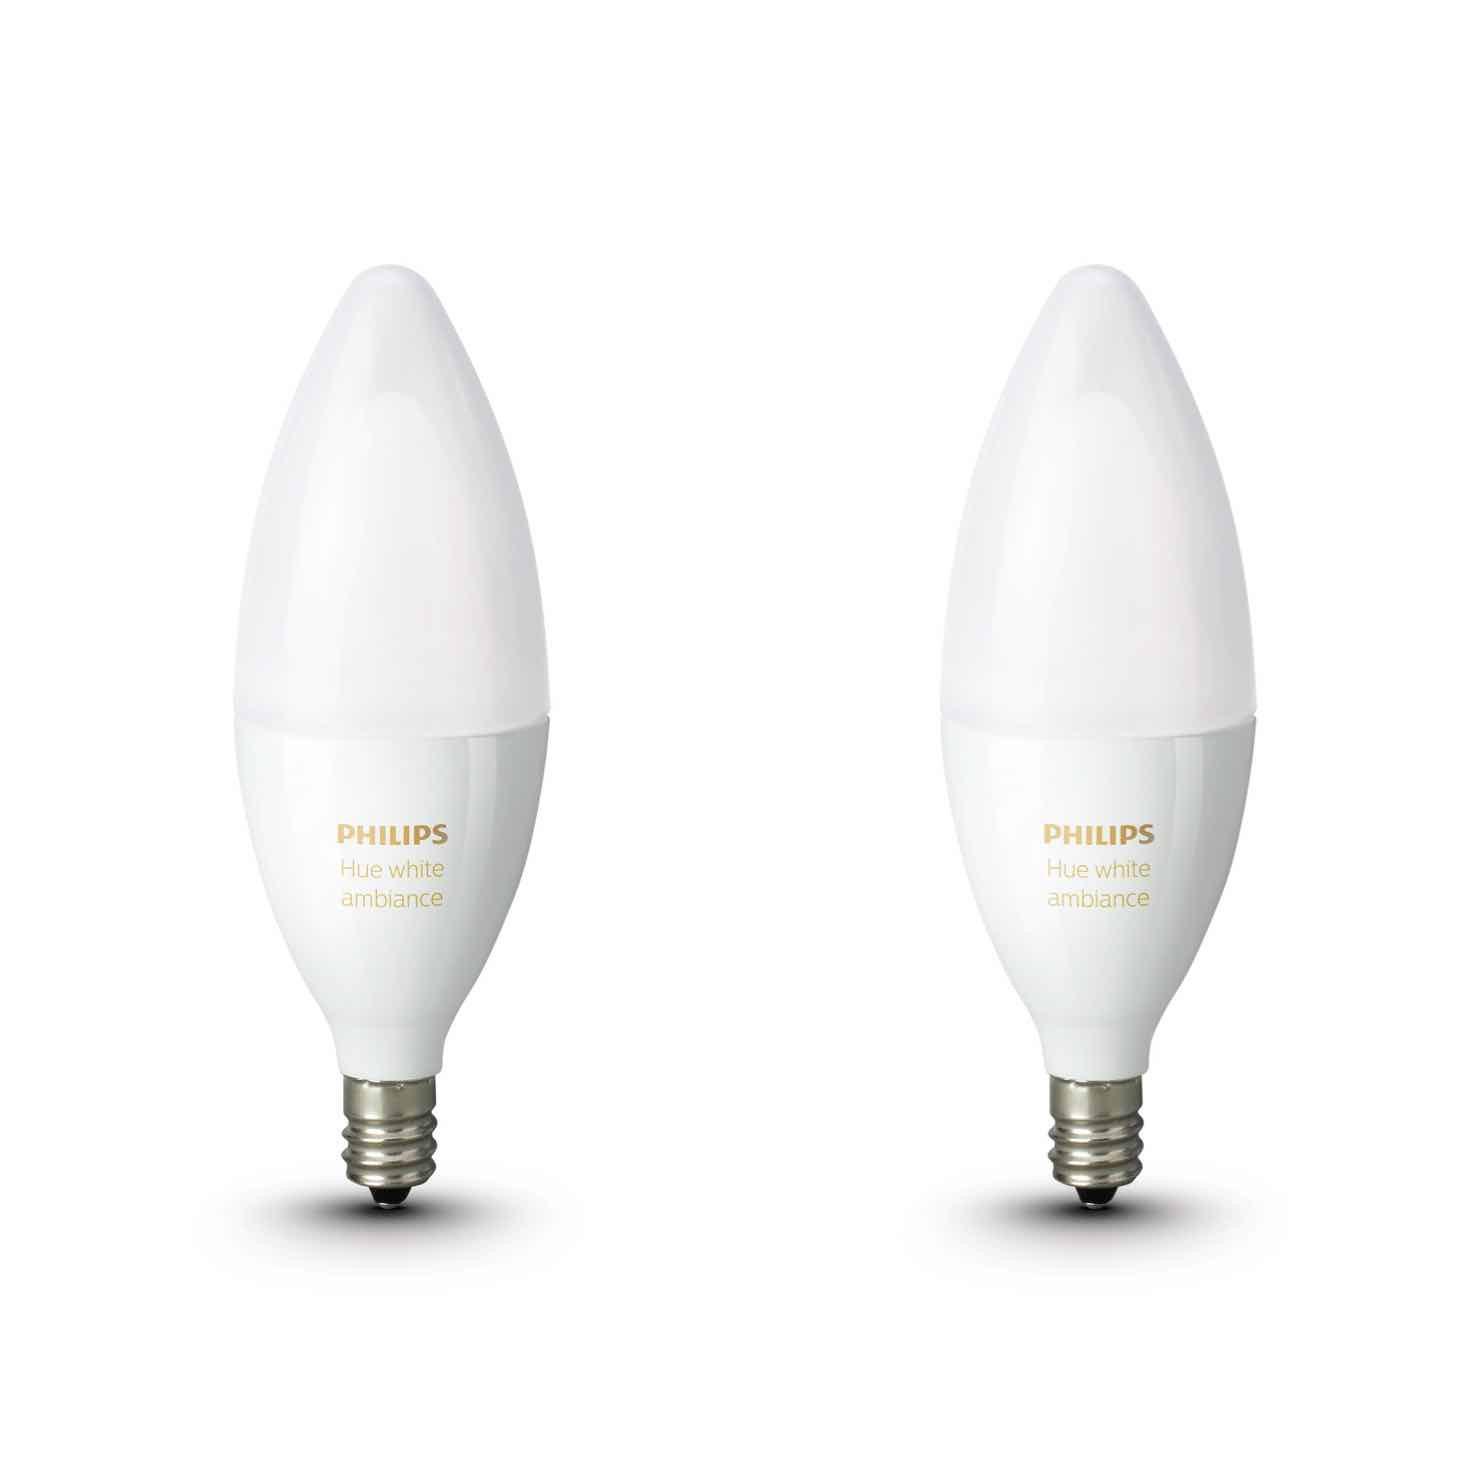 Philips Hue Lampen E14.Philips Hue White Ambiance E14 Kaarslampen Duopak